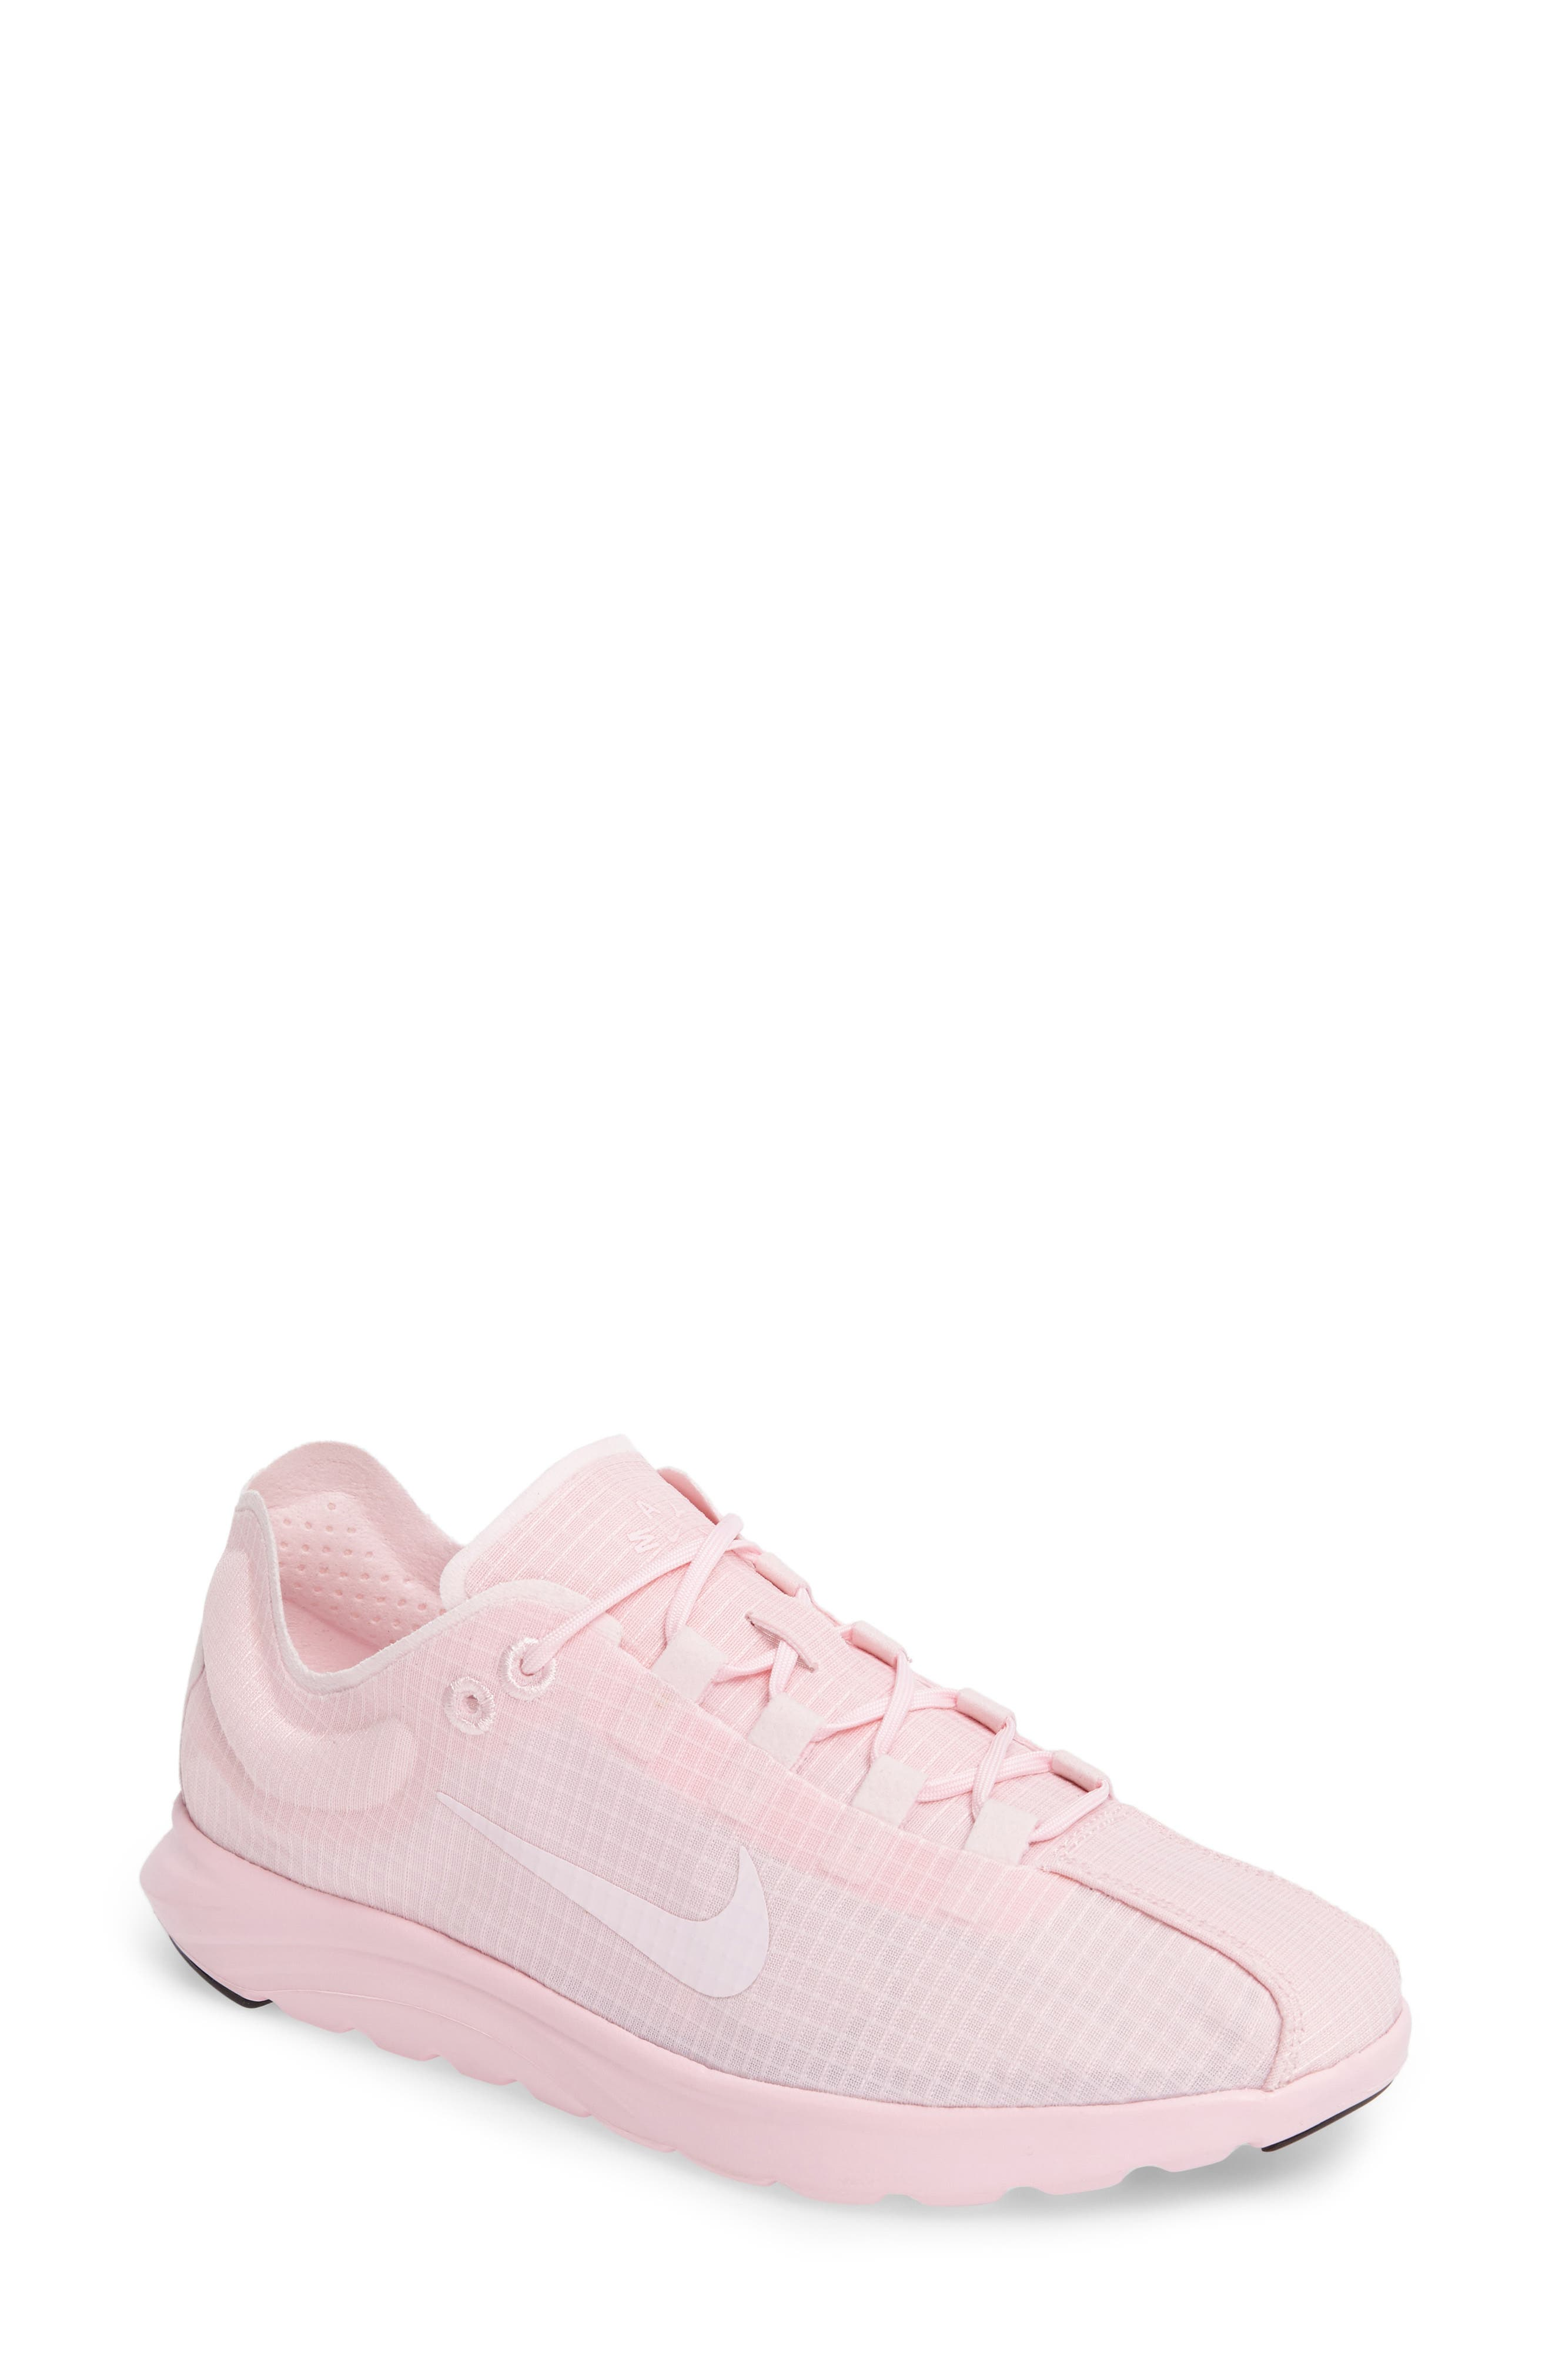 NIKE Mayfly Lite Water-Resistant Sneaker